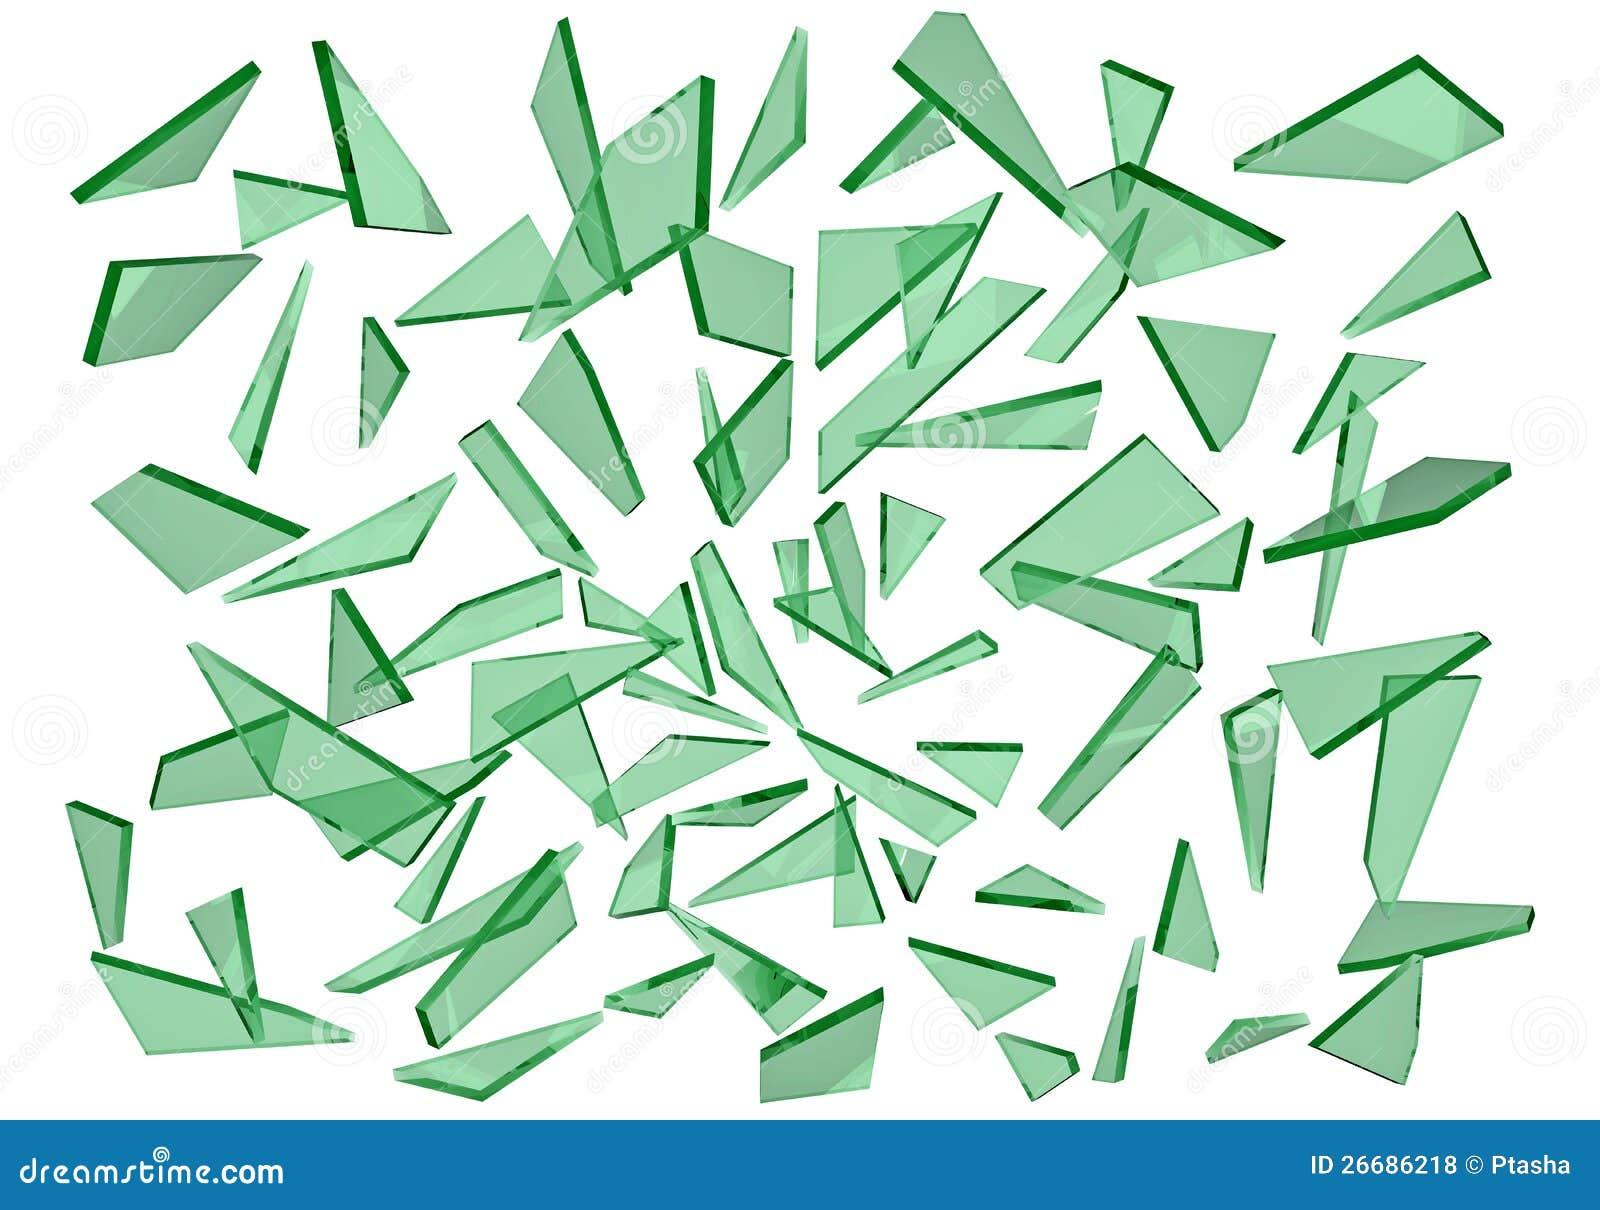 broken glass stock illustration illustration of urban 26686218 rh dreamstime com broken glass clipart free Broken Glass Art